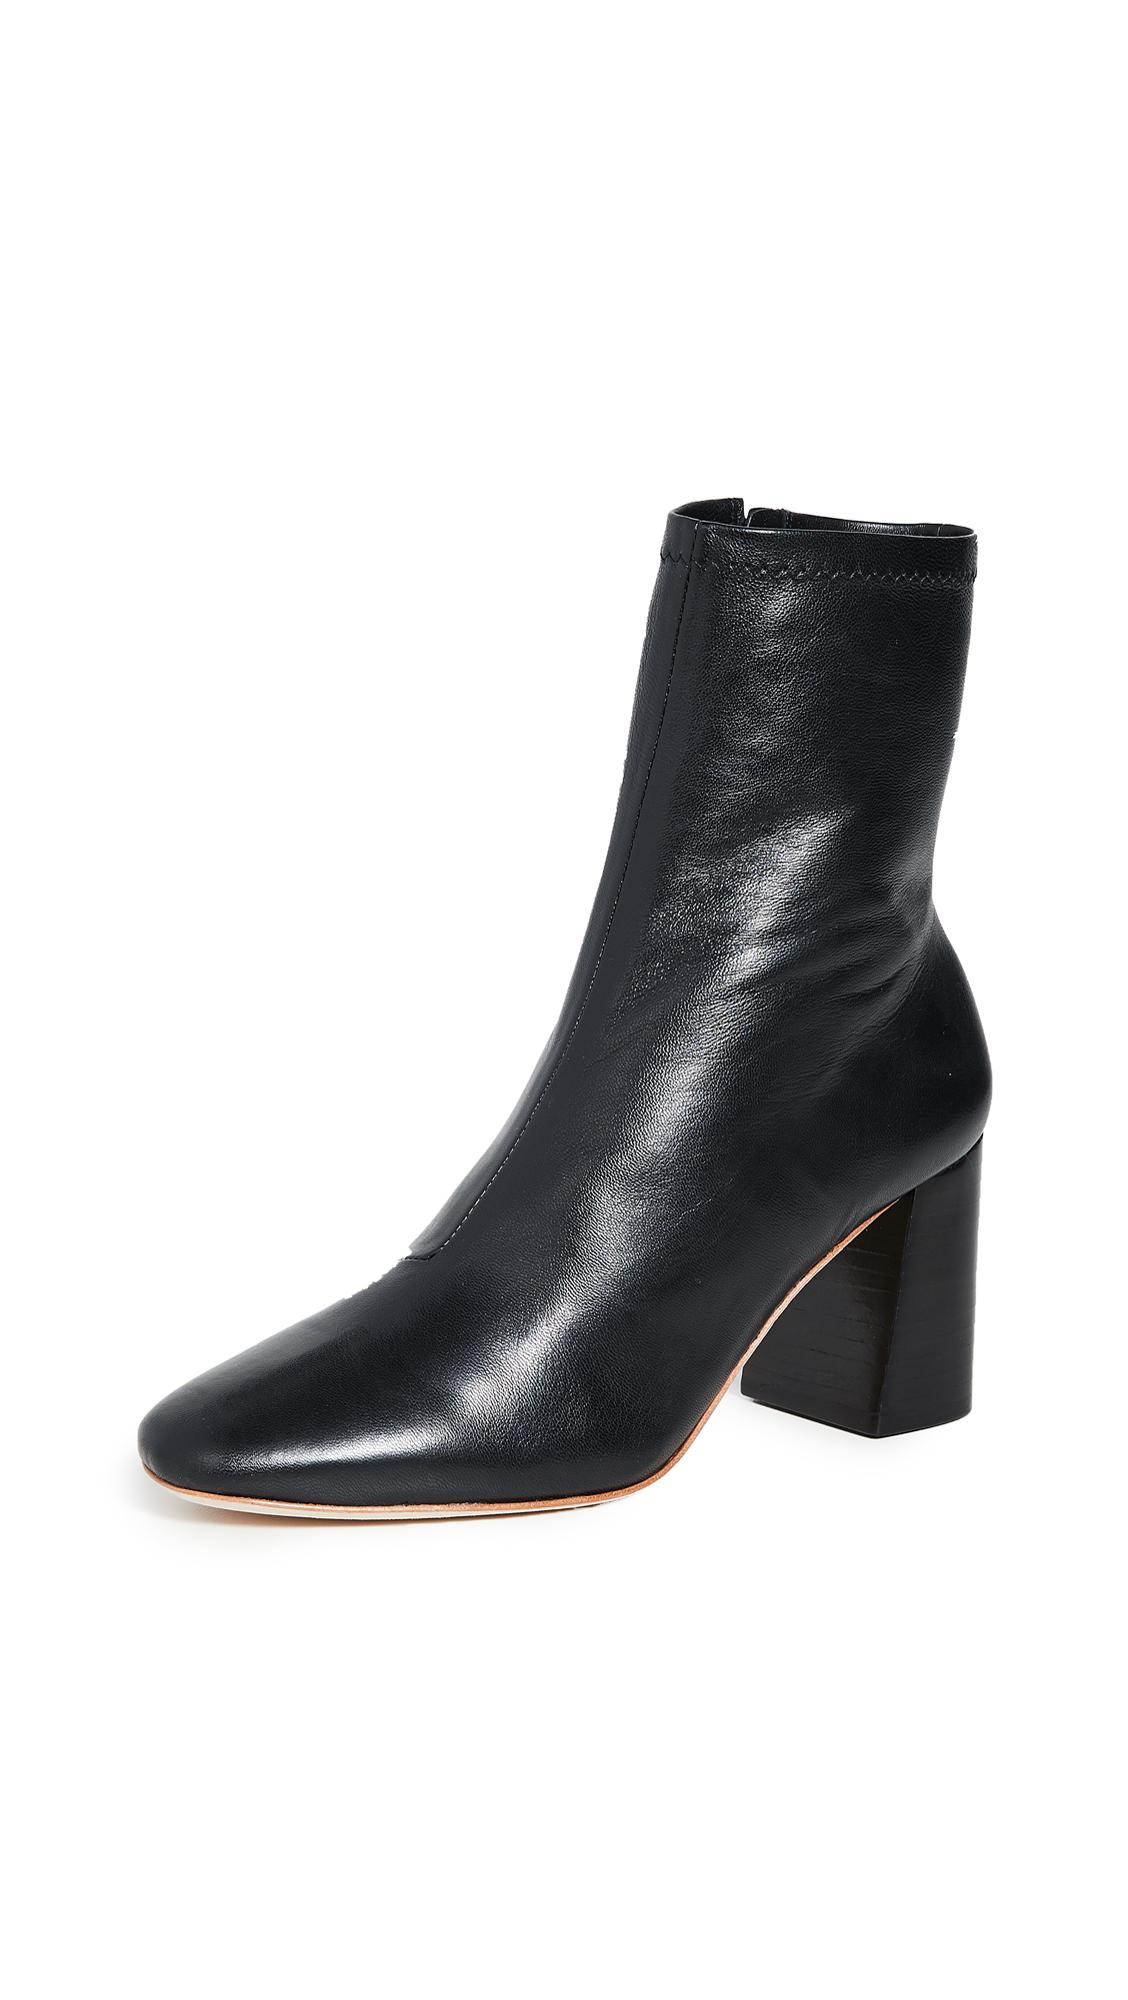 Buy Loeffler Randall online - photo of Loeffler Randall Elise Slim Ankle Booties